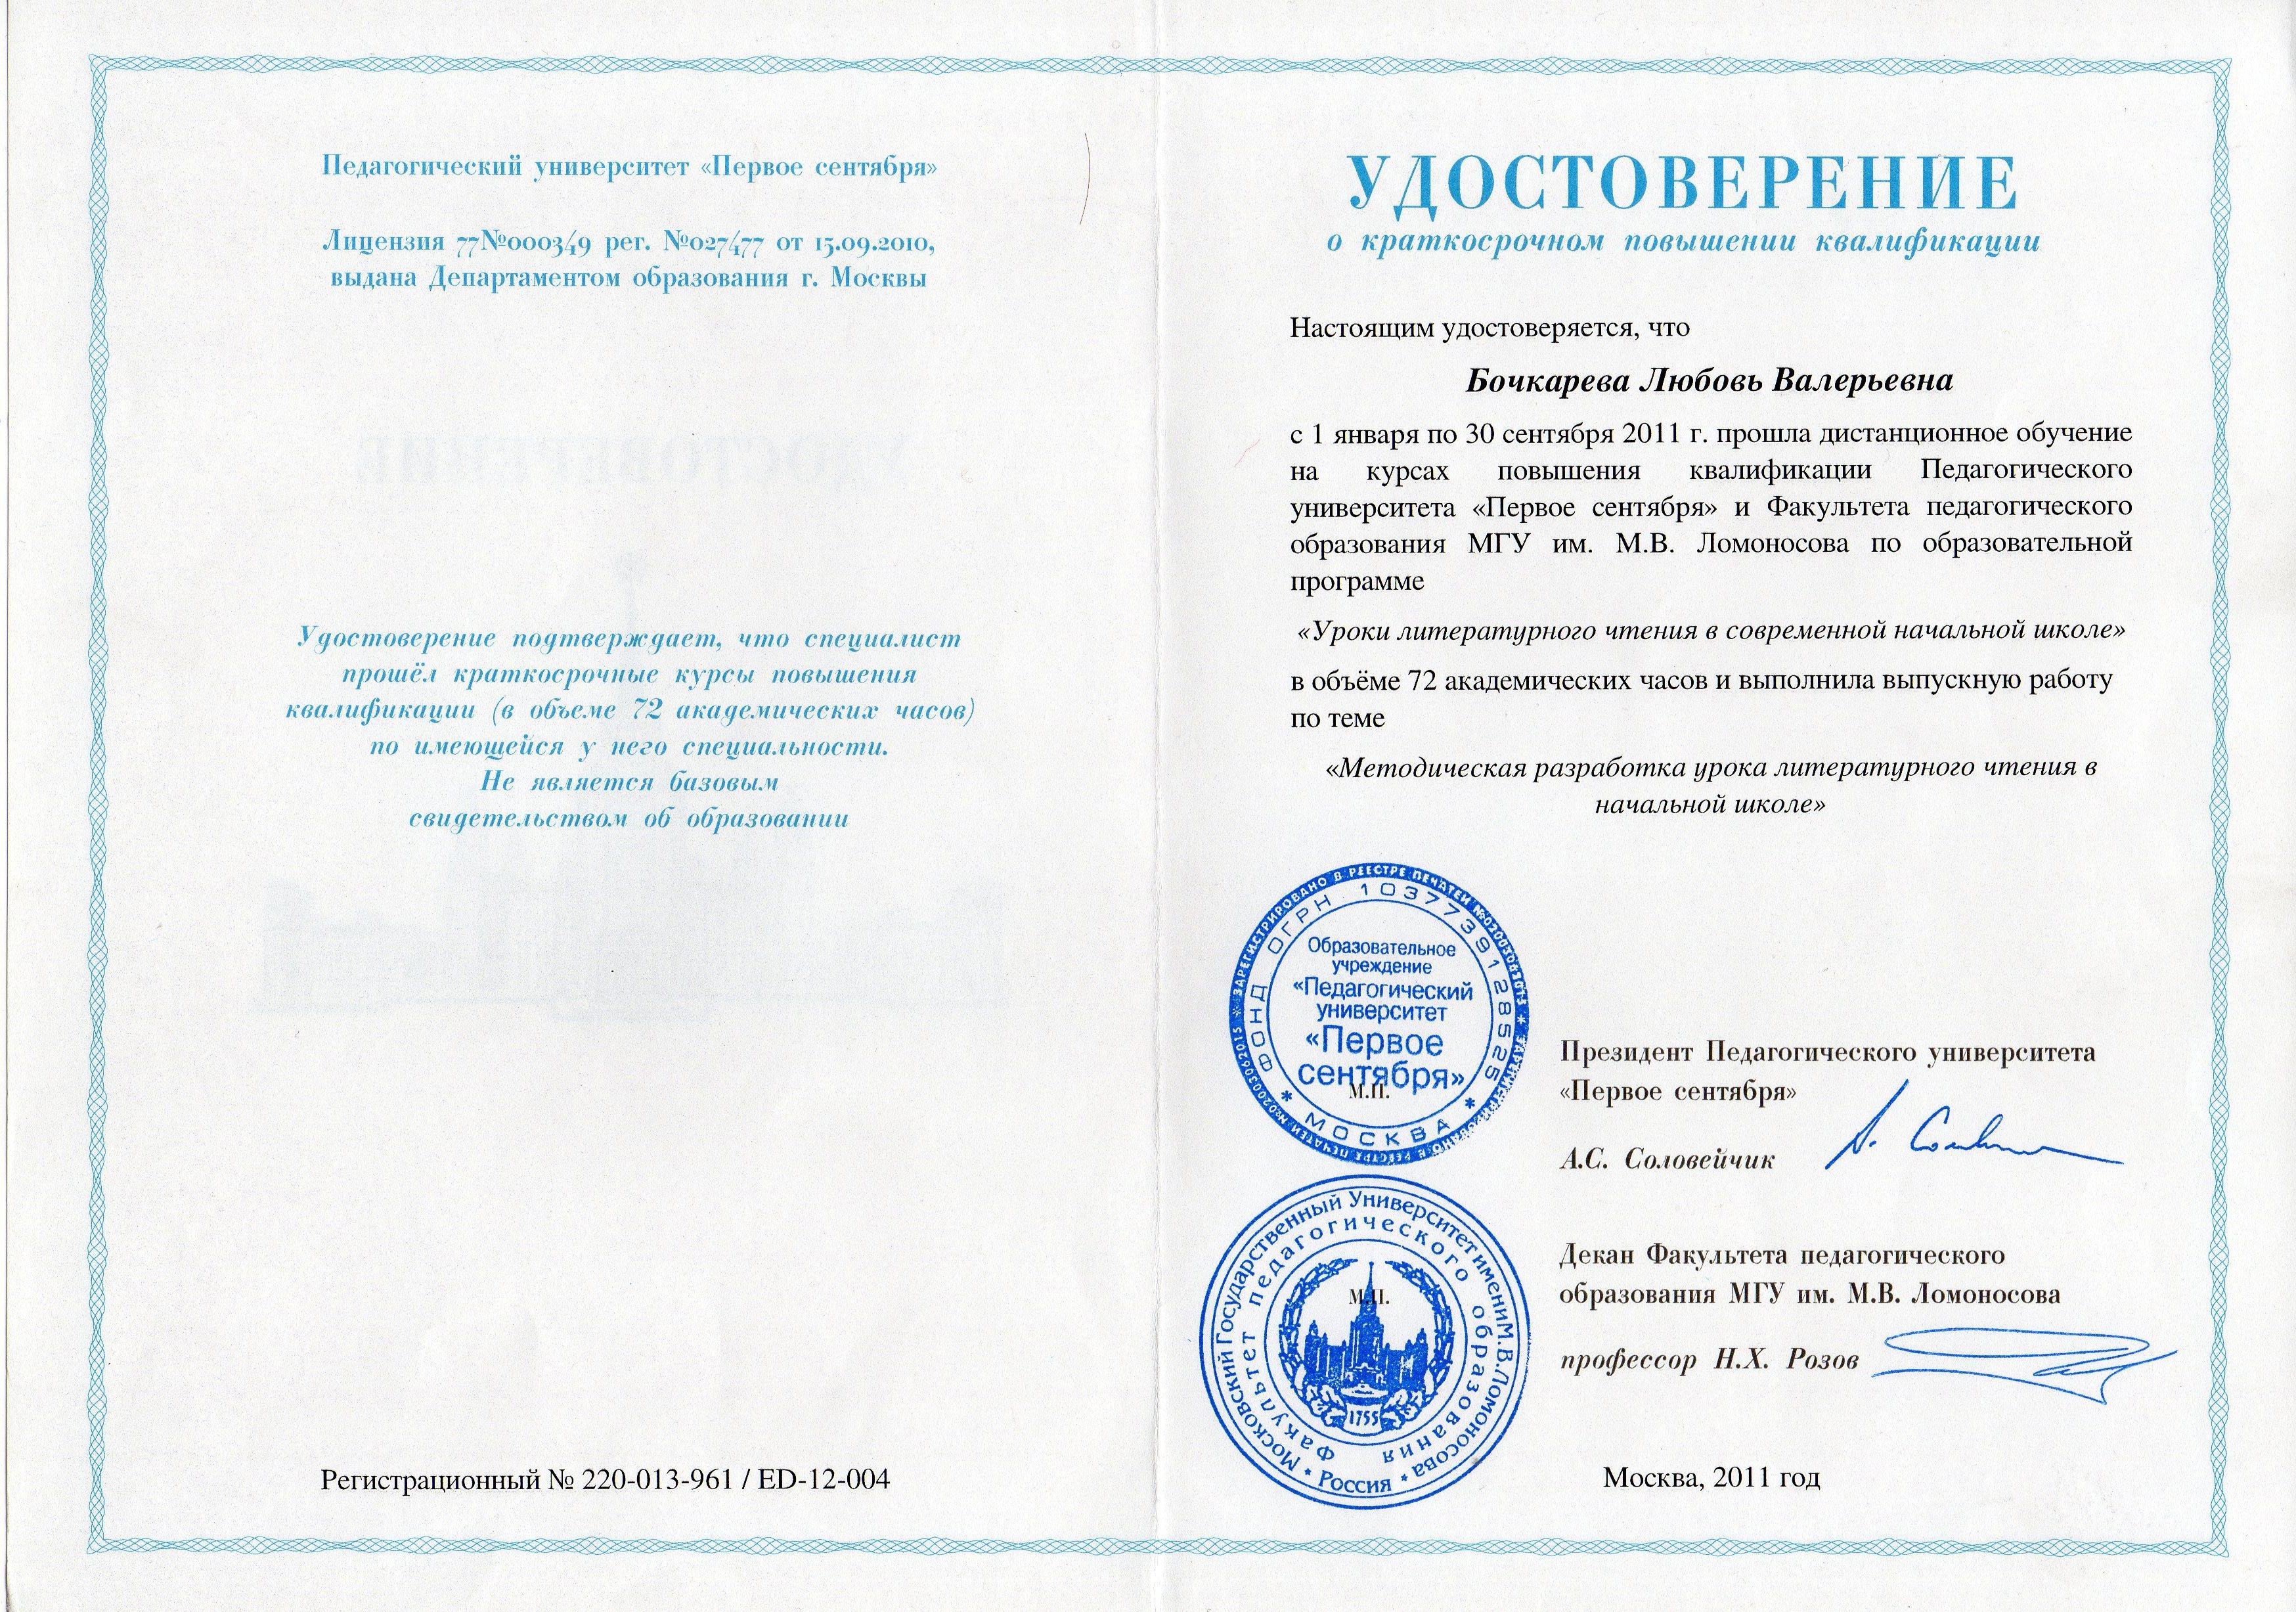 При использовании сайта не нарушать нормы действующего законодательства российской федерации о защите персональных данных, а также в любых целях, запрещенных законодательством российской федерации.